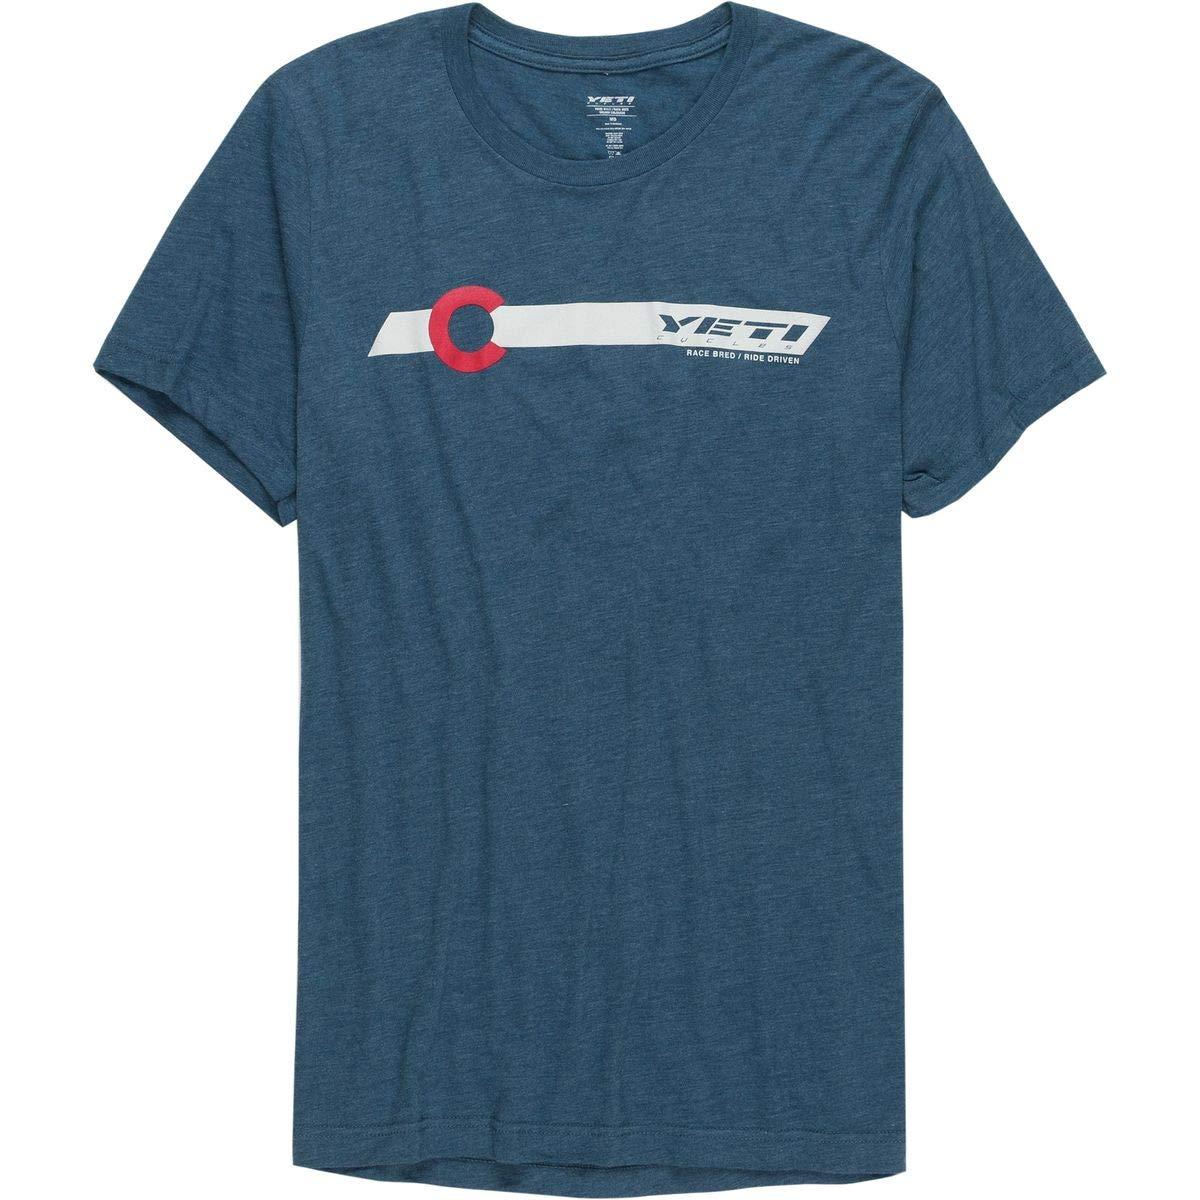 (イエティサイクル) Yeti Cycles Dart Ride Tee Short-Sleeve Jersey メンズ サイクルジャージNavy [並行輸入品] 日本サイズ LL (US L) Navy B07G97DSL4